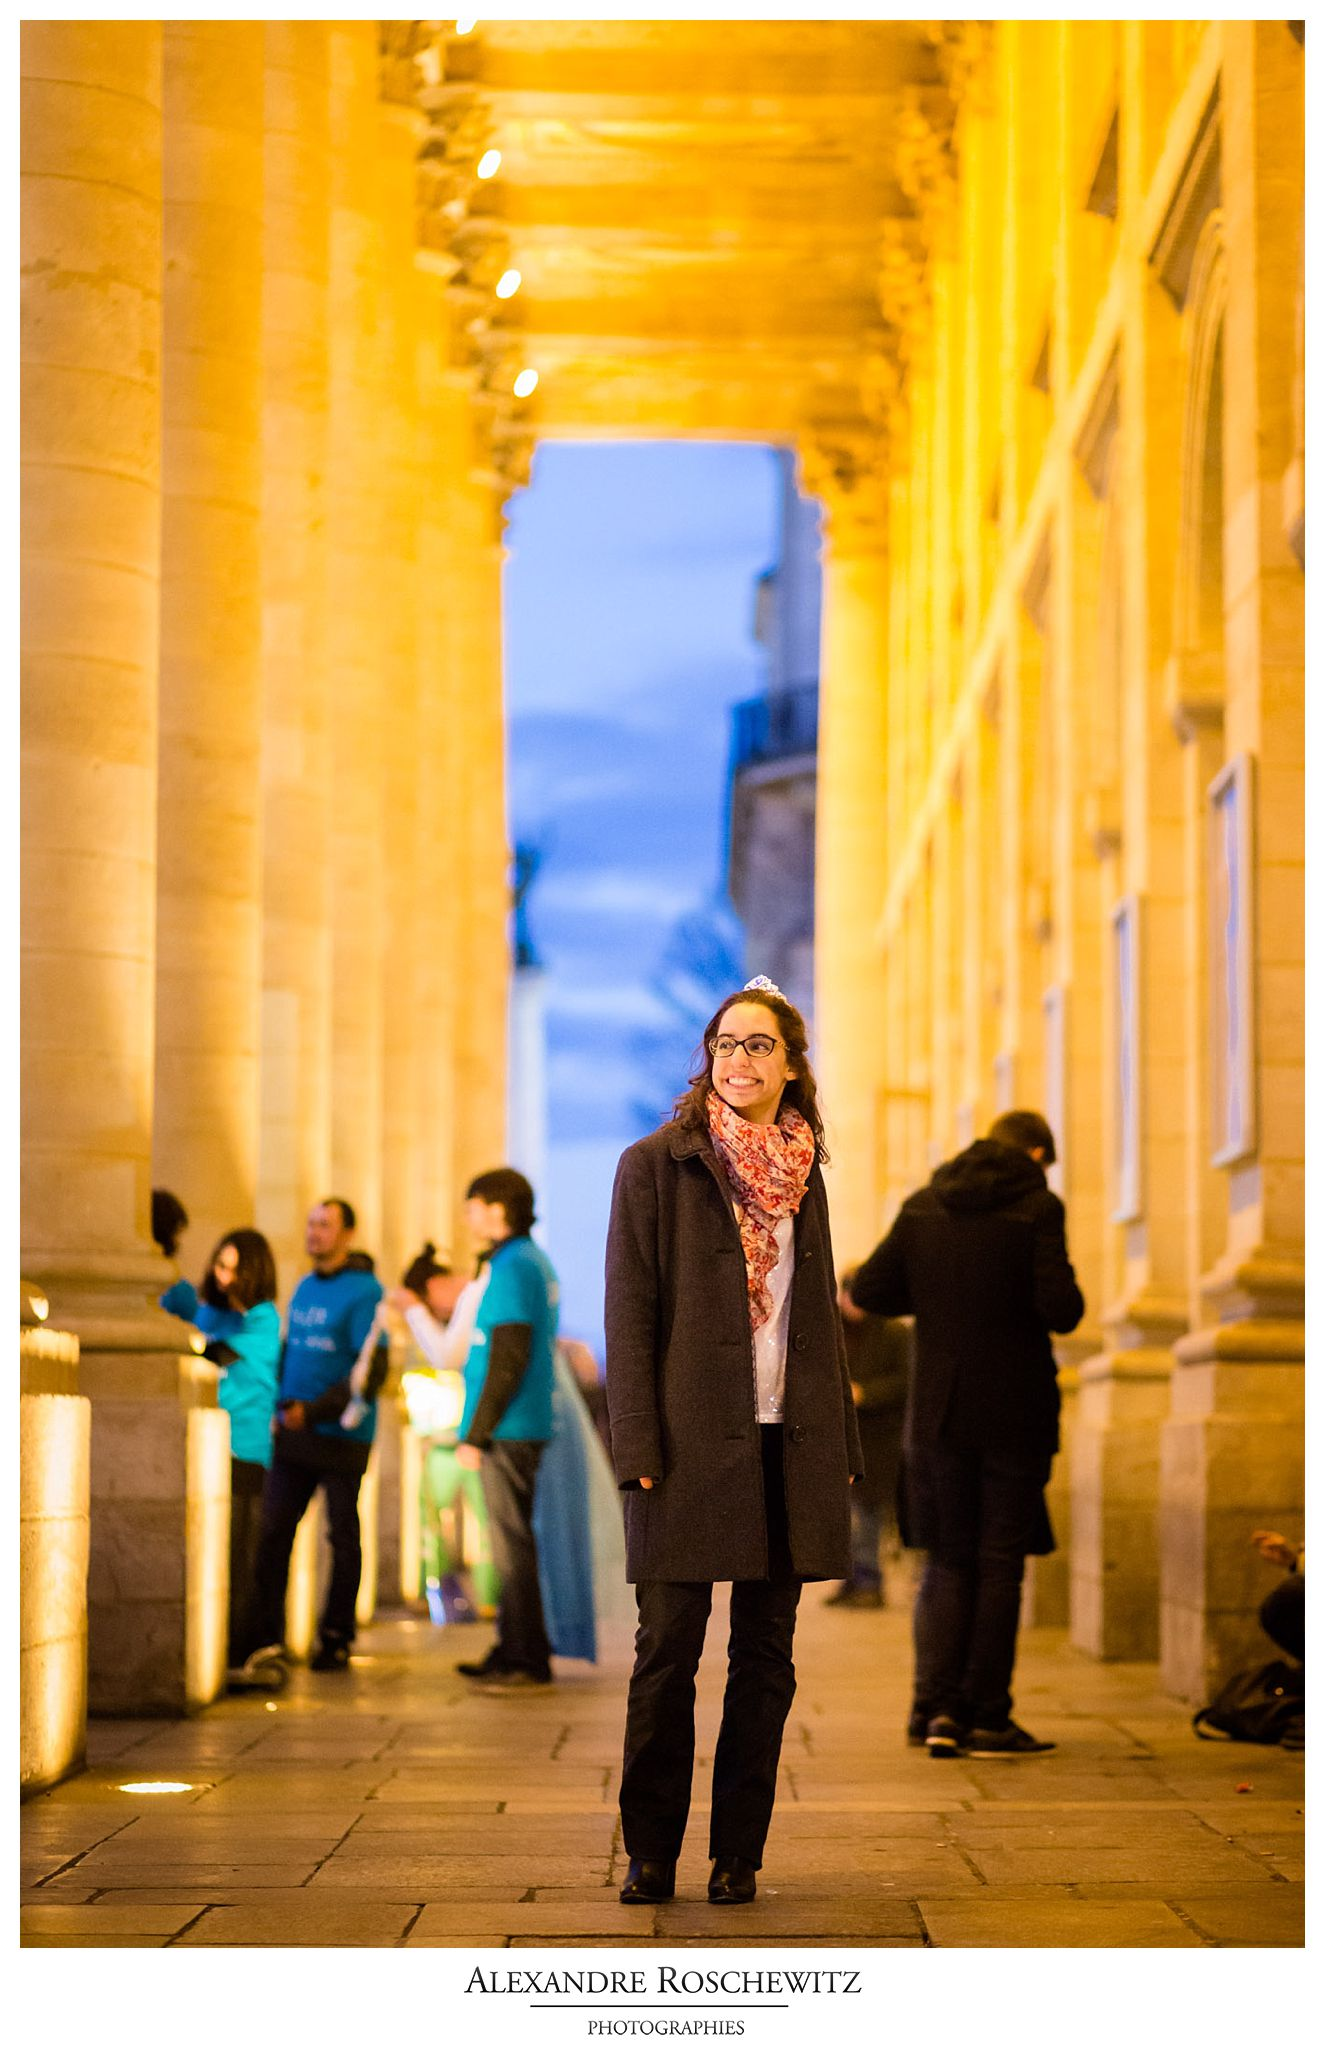 Le résumé complet de la séance photo EVFJ de Christelle à Bordeaux, avec 5 de ses amies, avant son mariage en juin. Alexandre Roschewitz Photographies.